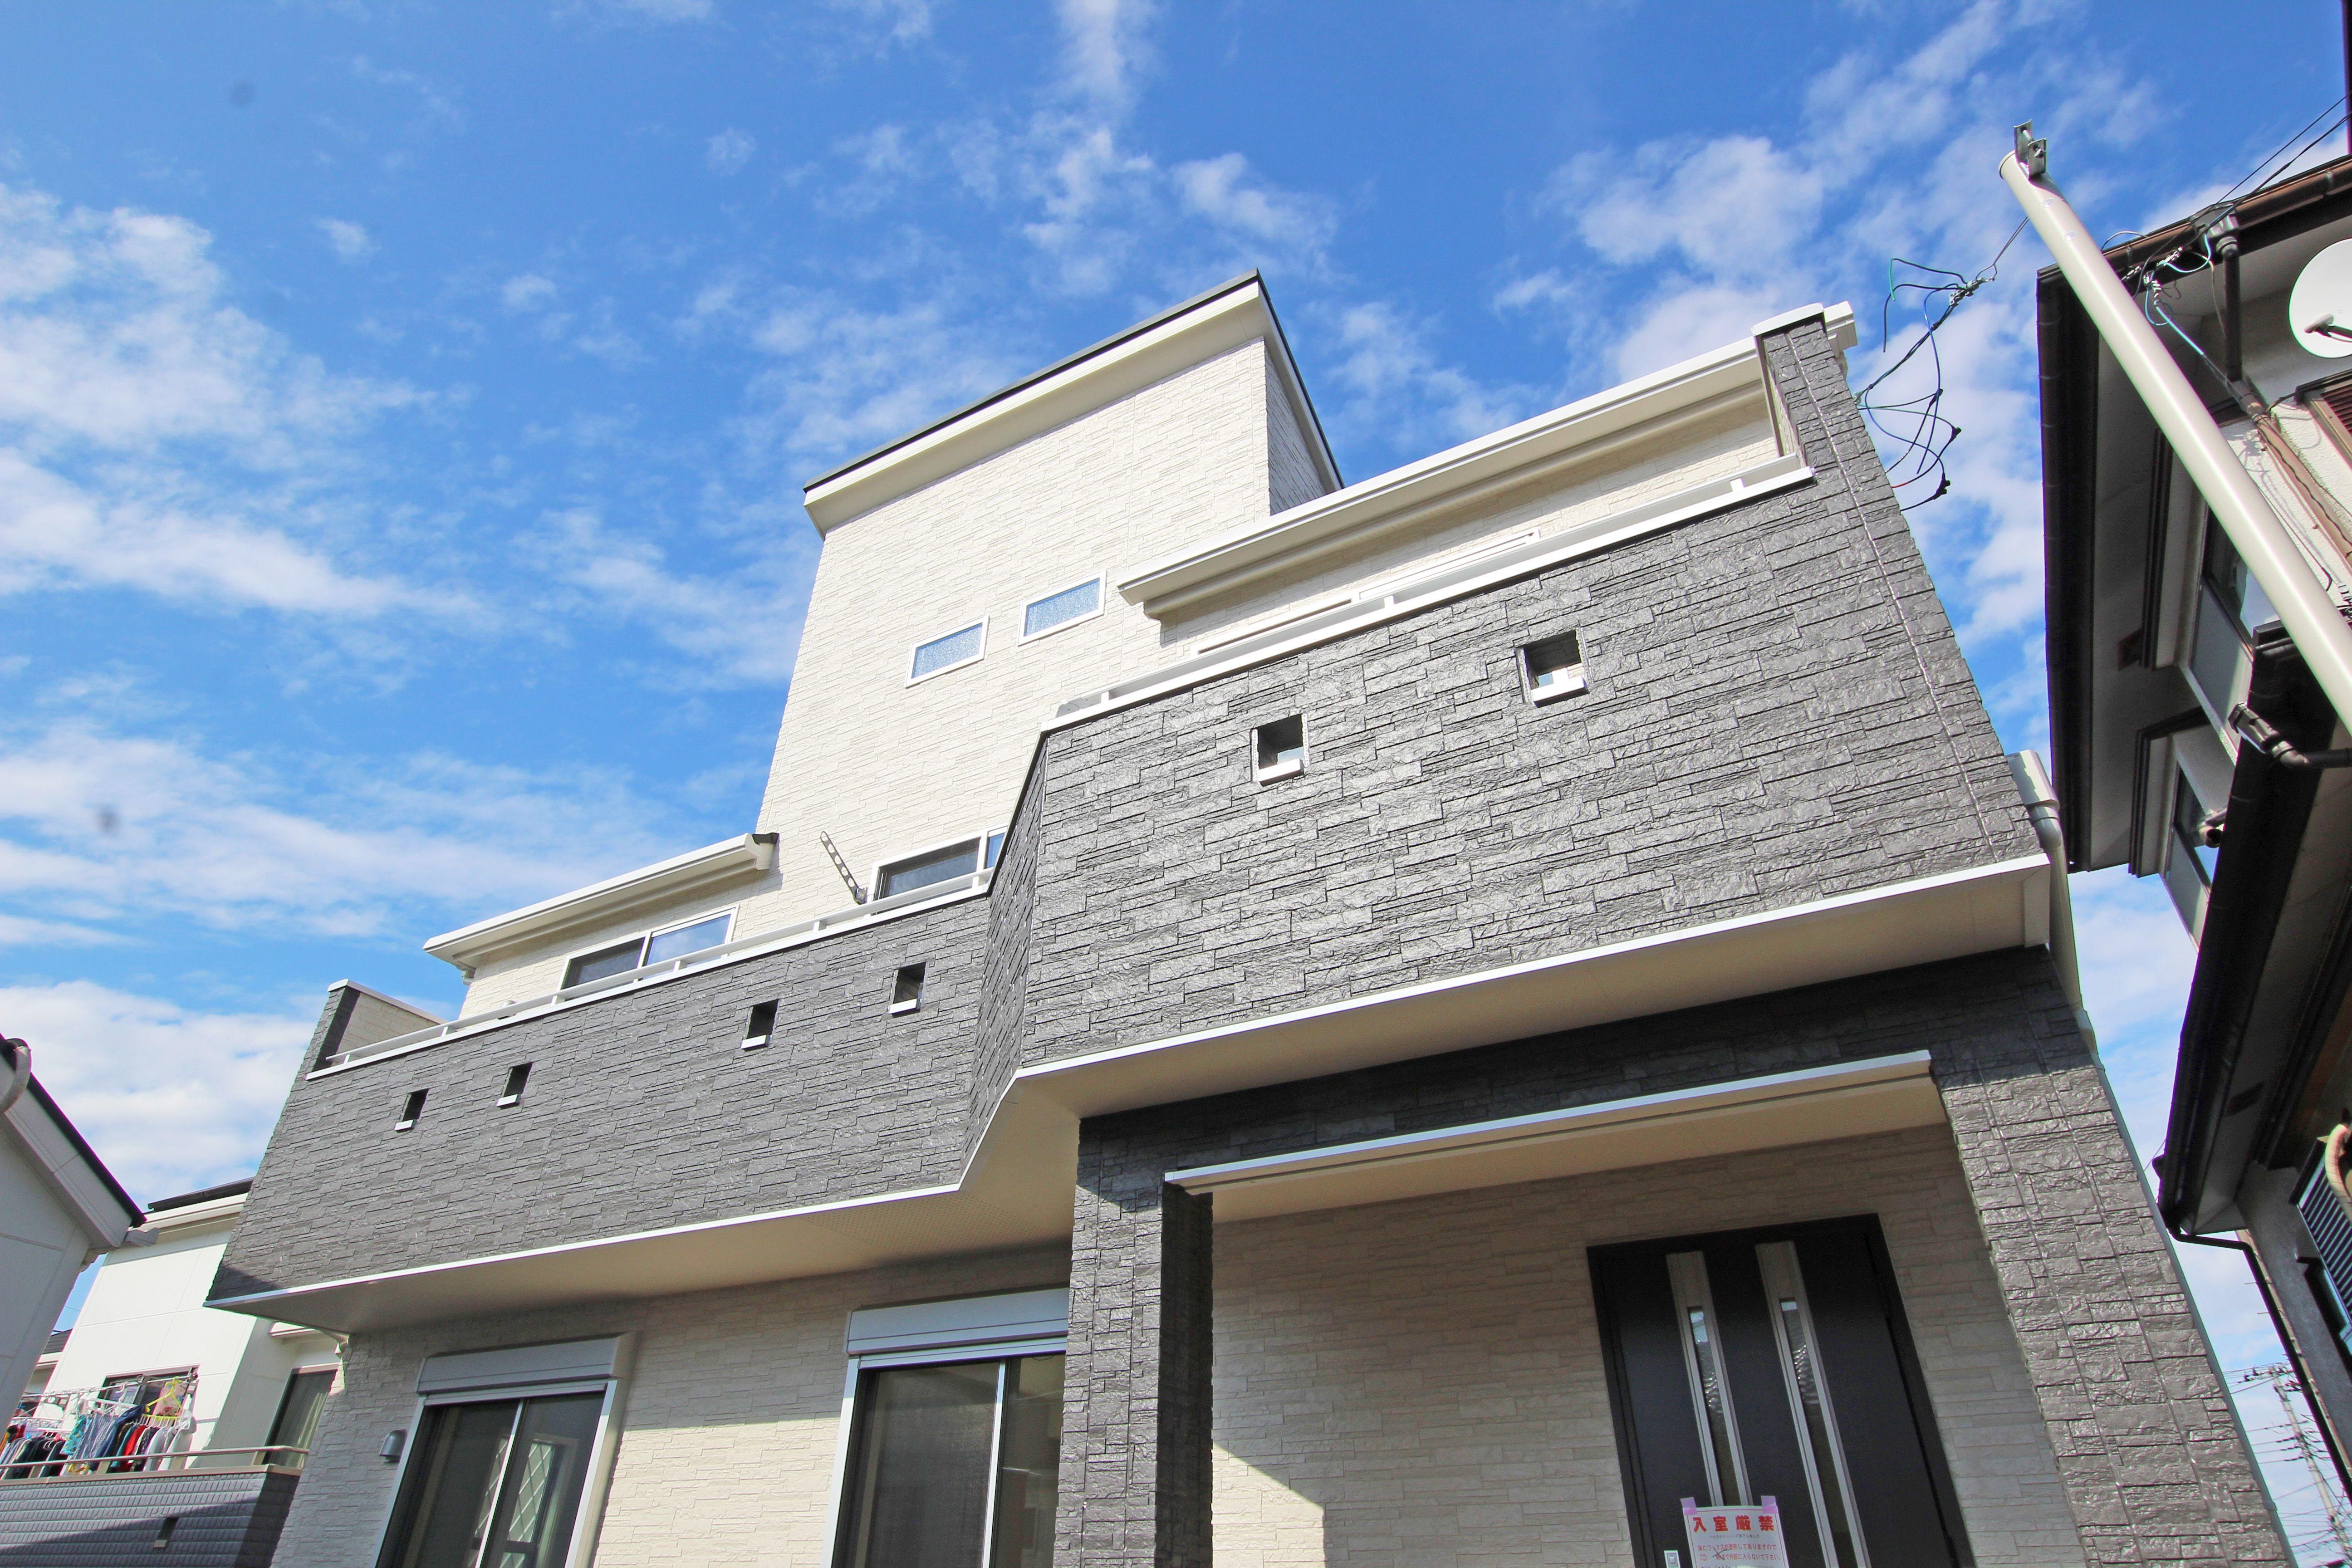 グレーの外壁が都会的な印象の外観 品のある佇まいと 充実した設備や